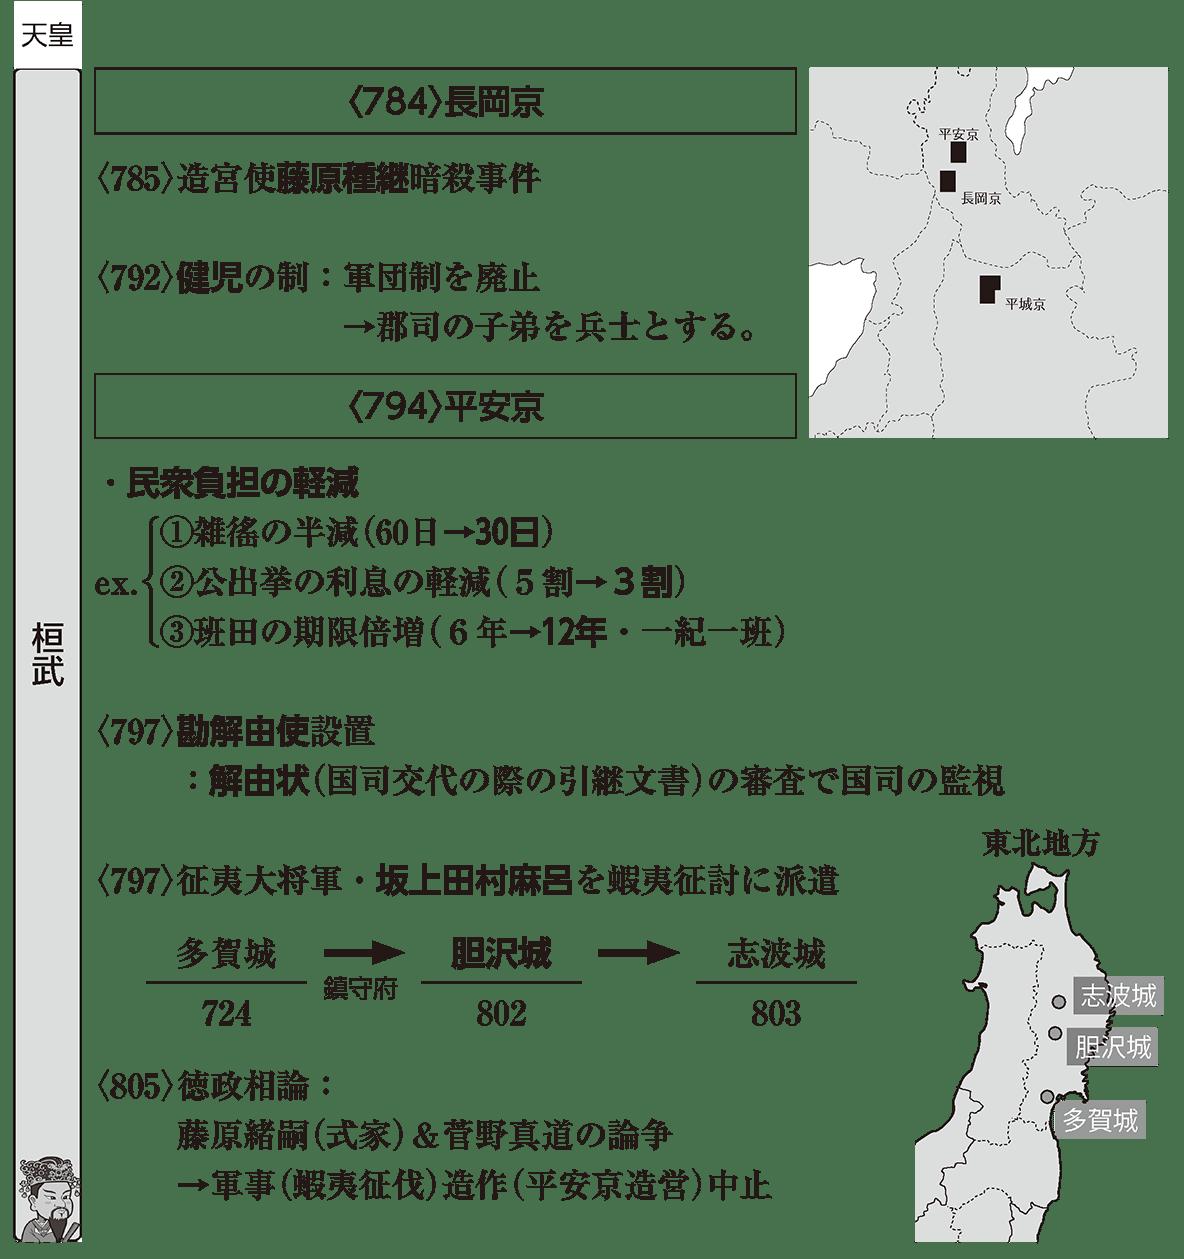 平安時代1 ポイント1 桓武天皇の棒部分(左ページ全部)